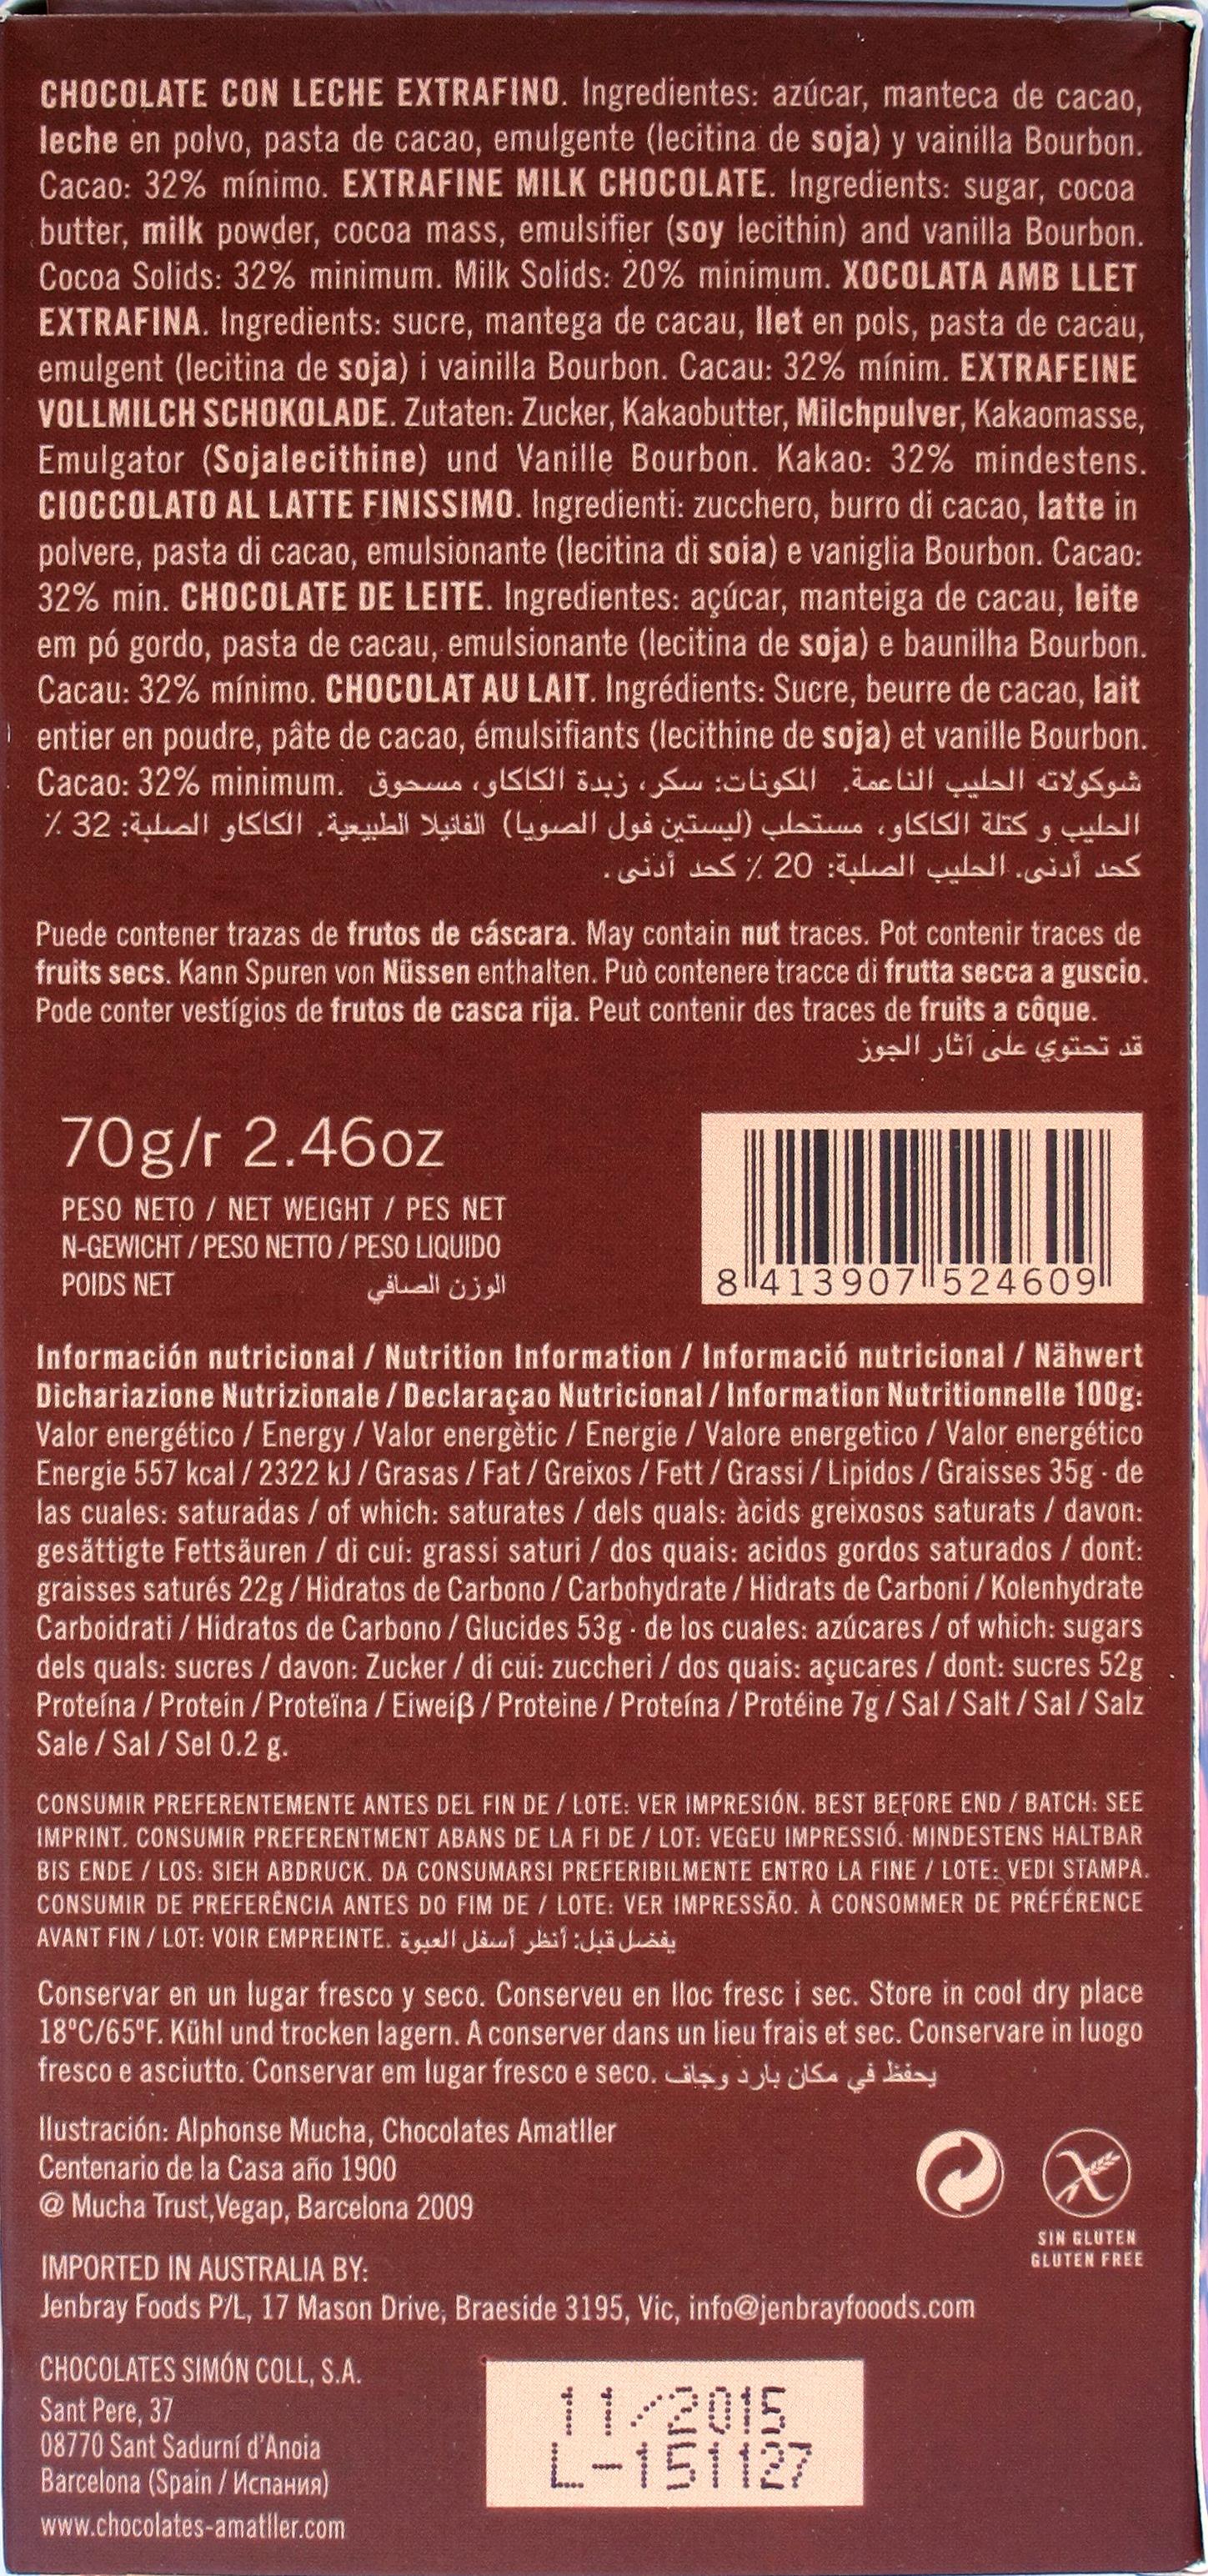 Amatller Chocolate con Leche 32% Cacao Ghana con Vainilla Natural, Rückseite